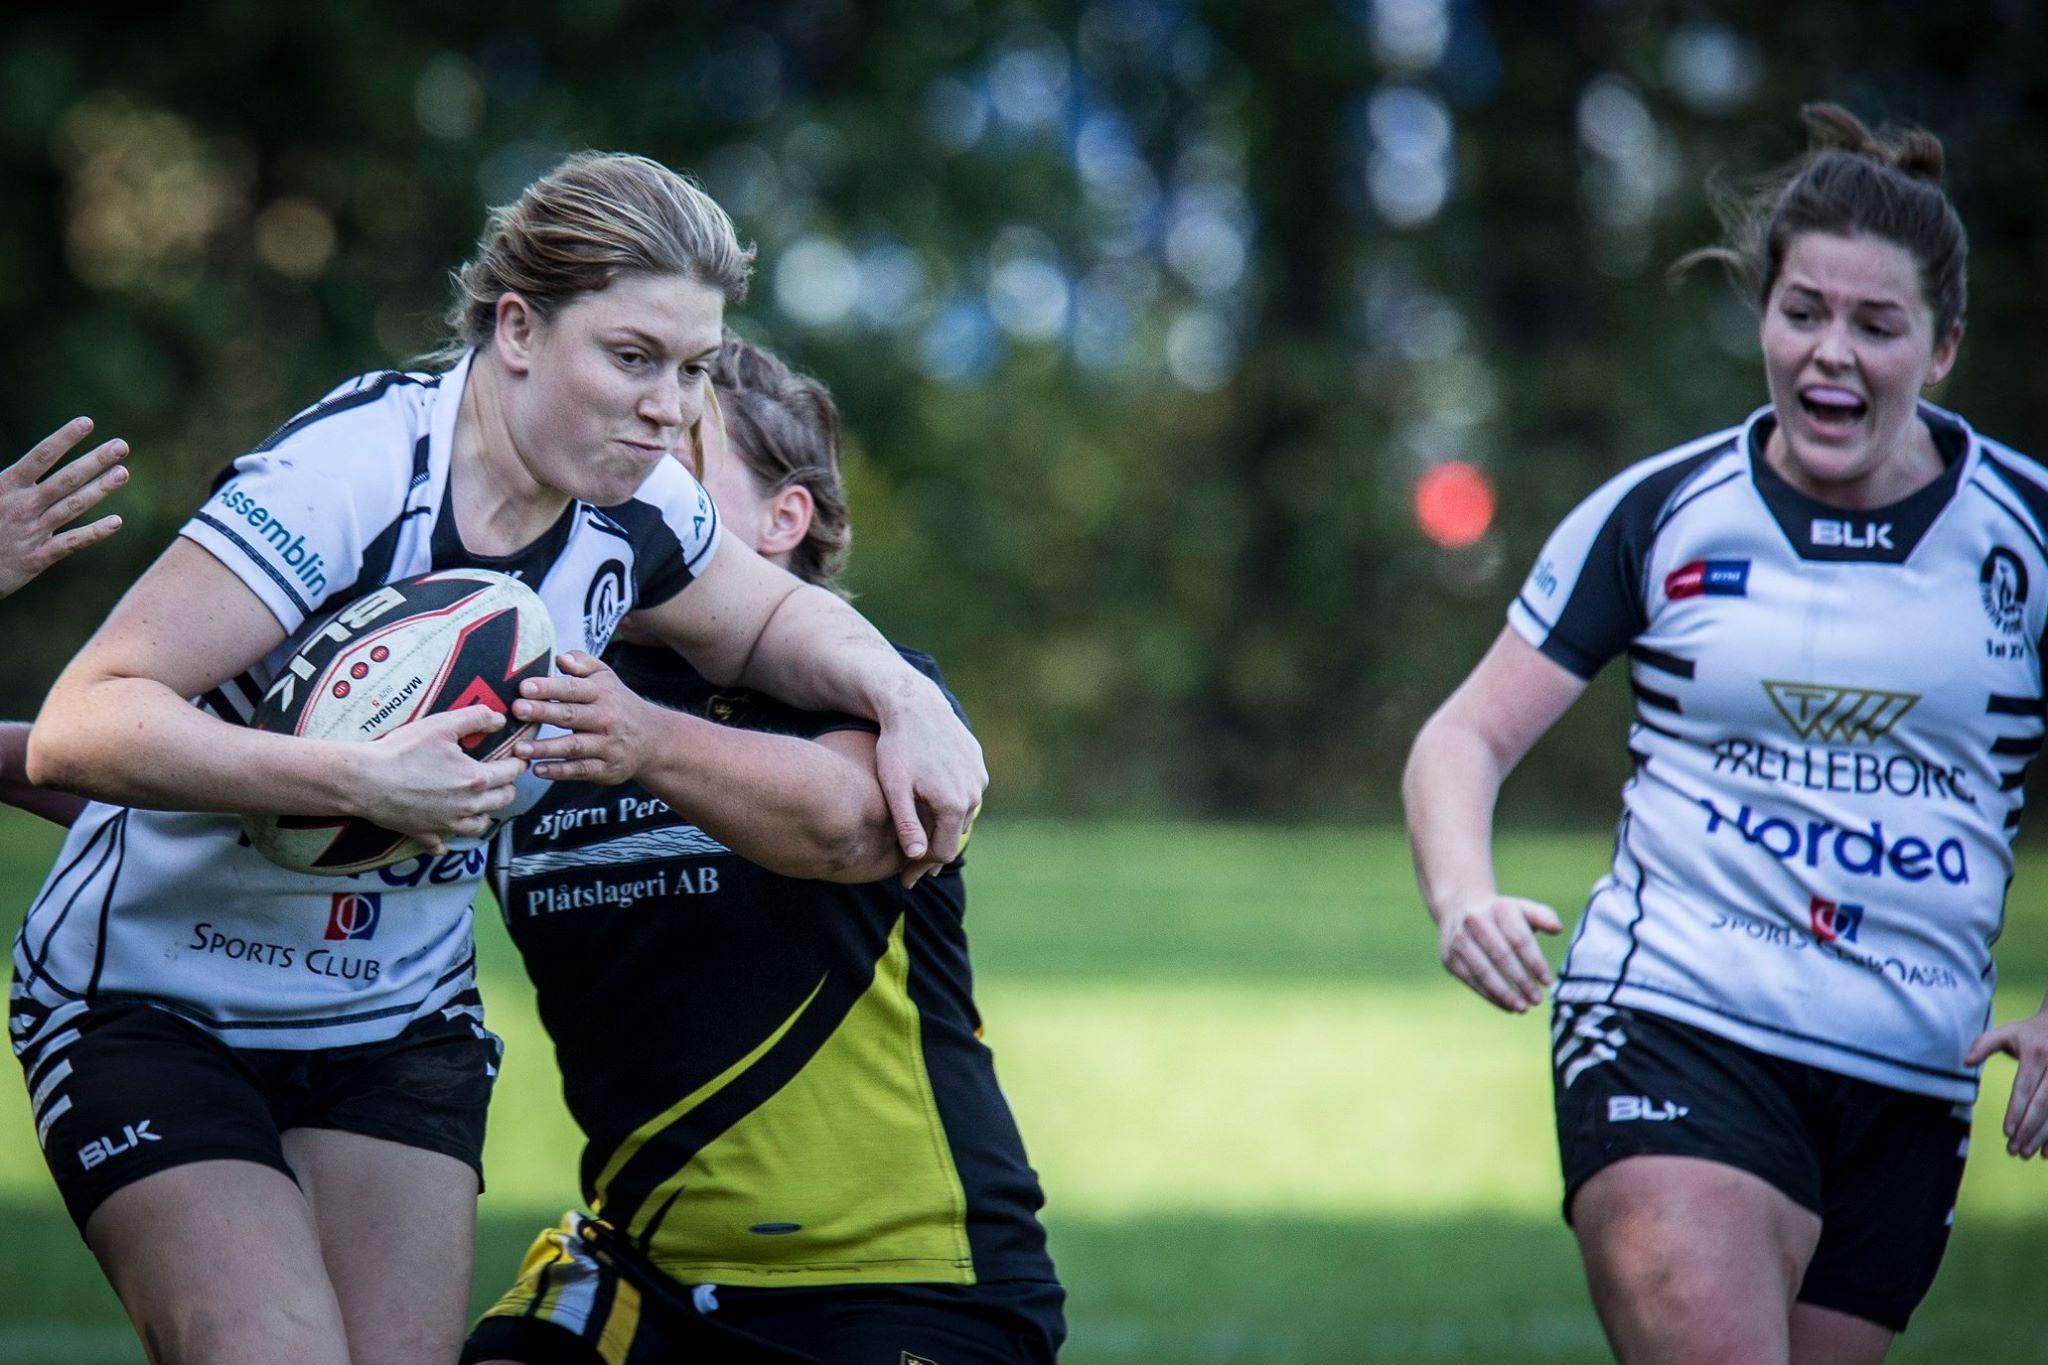 Pingvin Rugby Club - Årets rugbyallsvenska damer syd